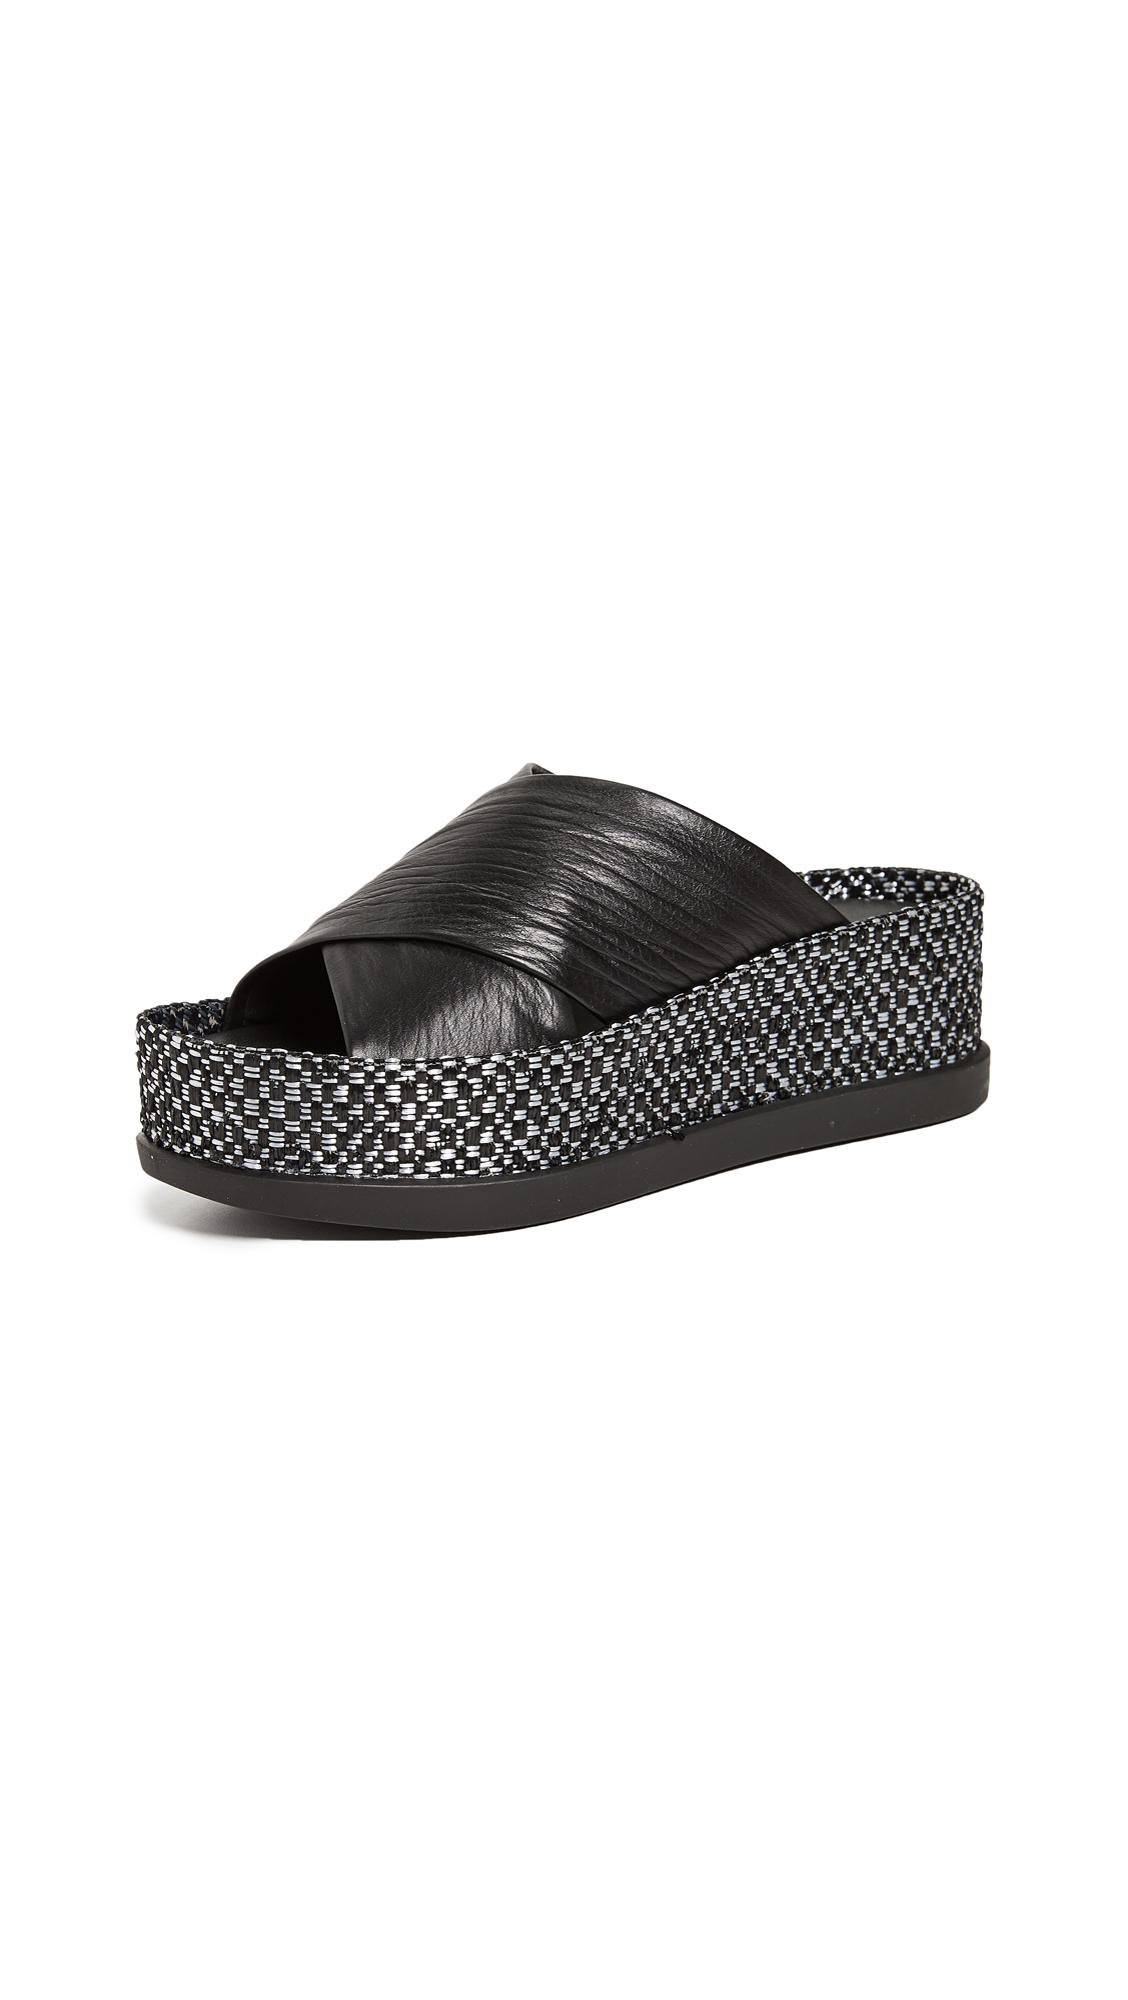 Sigerson Morrison Hana Platform Sandals - Black